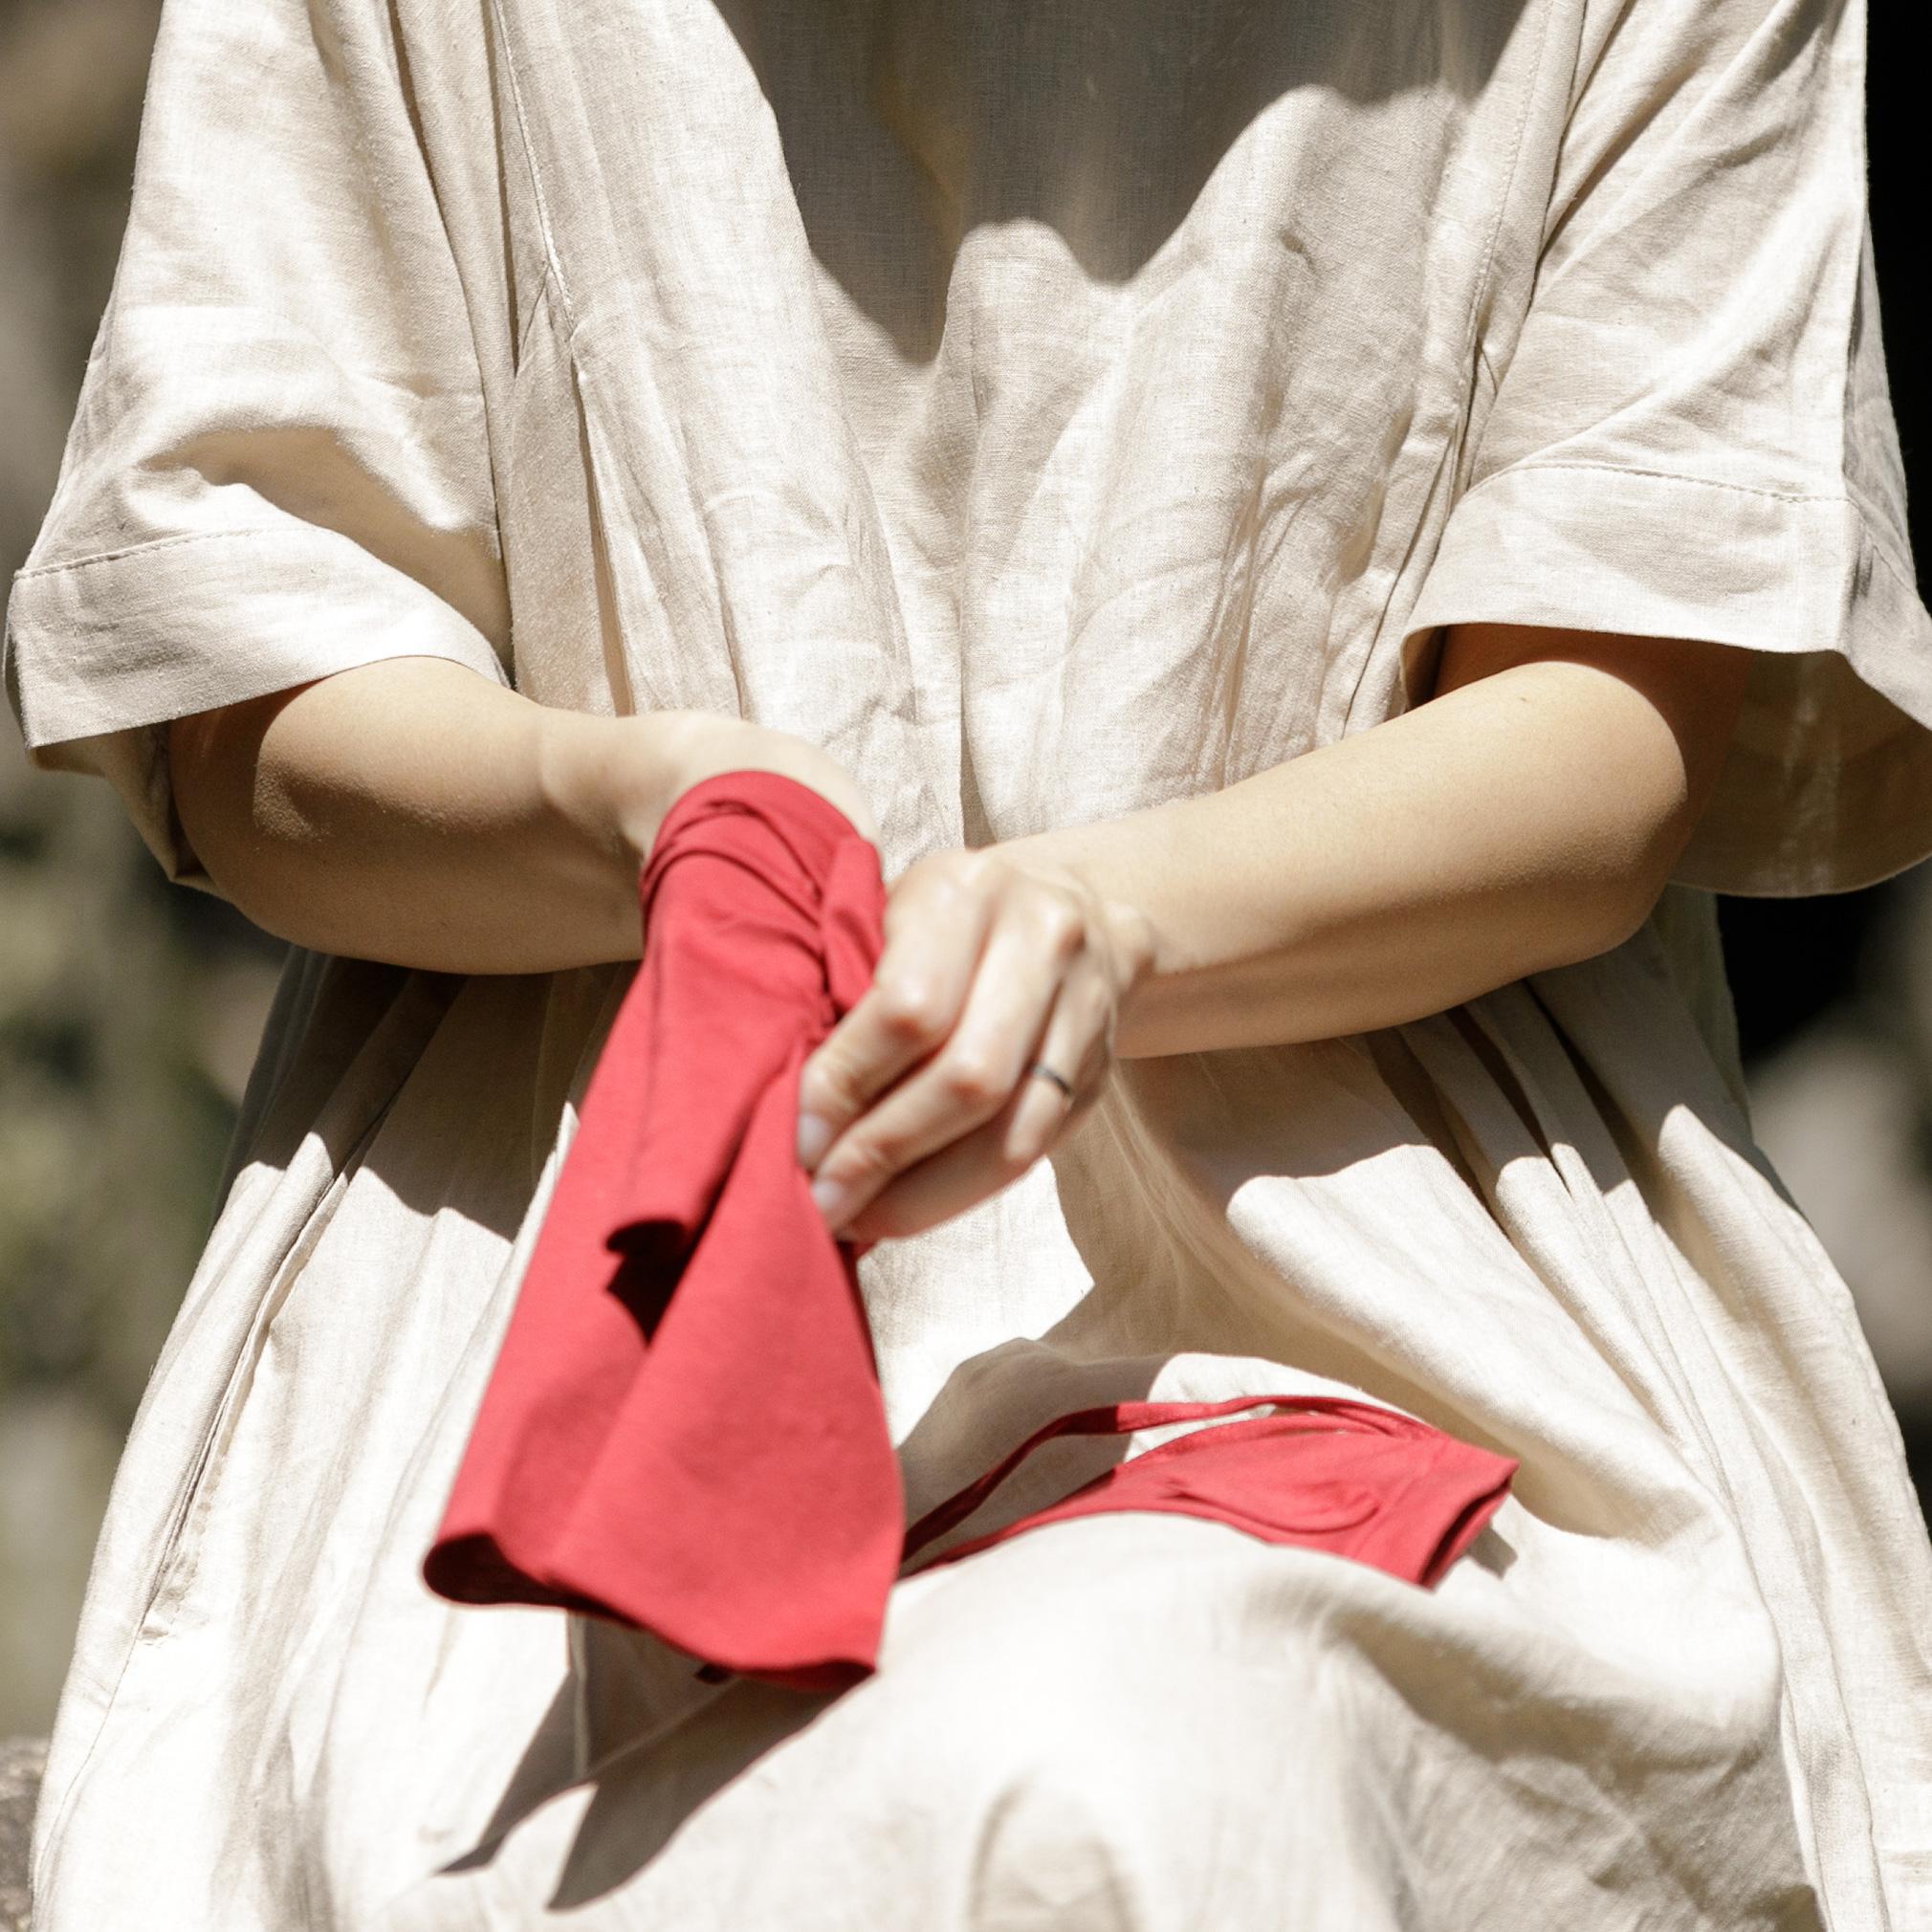 触るときは サッと伸ばしてタッチレス手袋。普段はおしゃれなUVケア手袋。さりげなくウイルス対策。